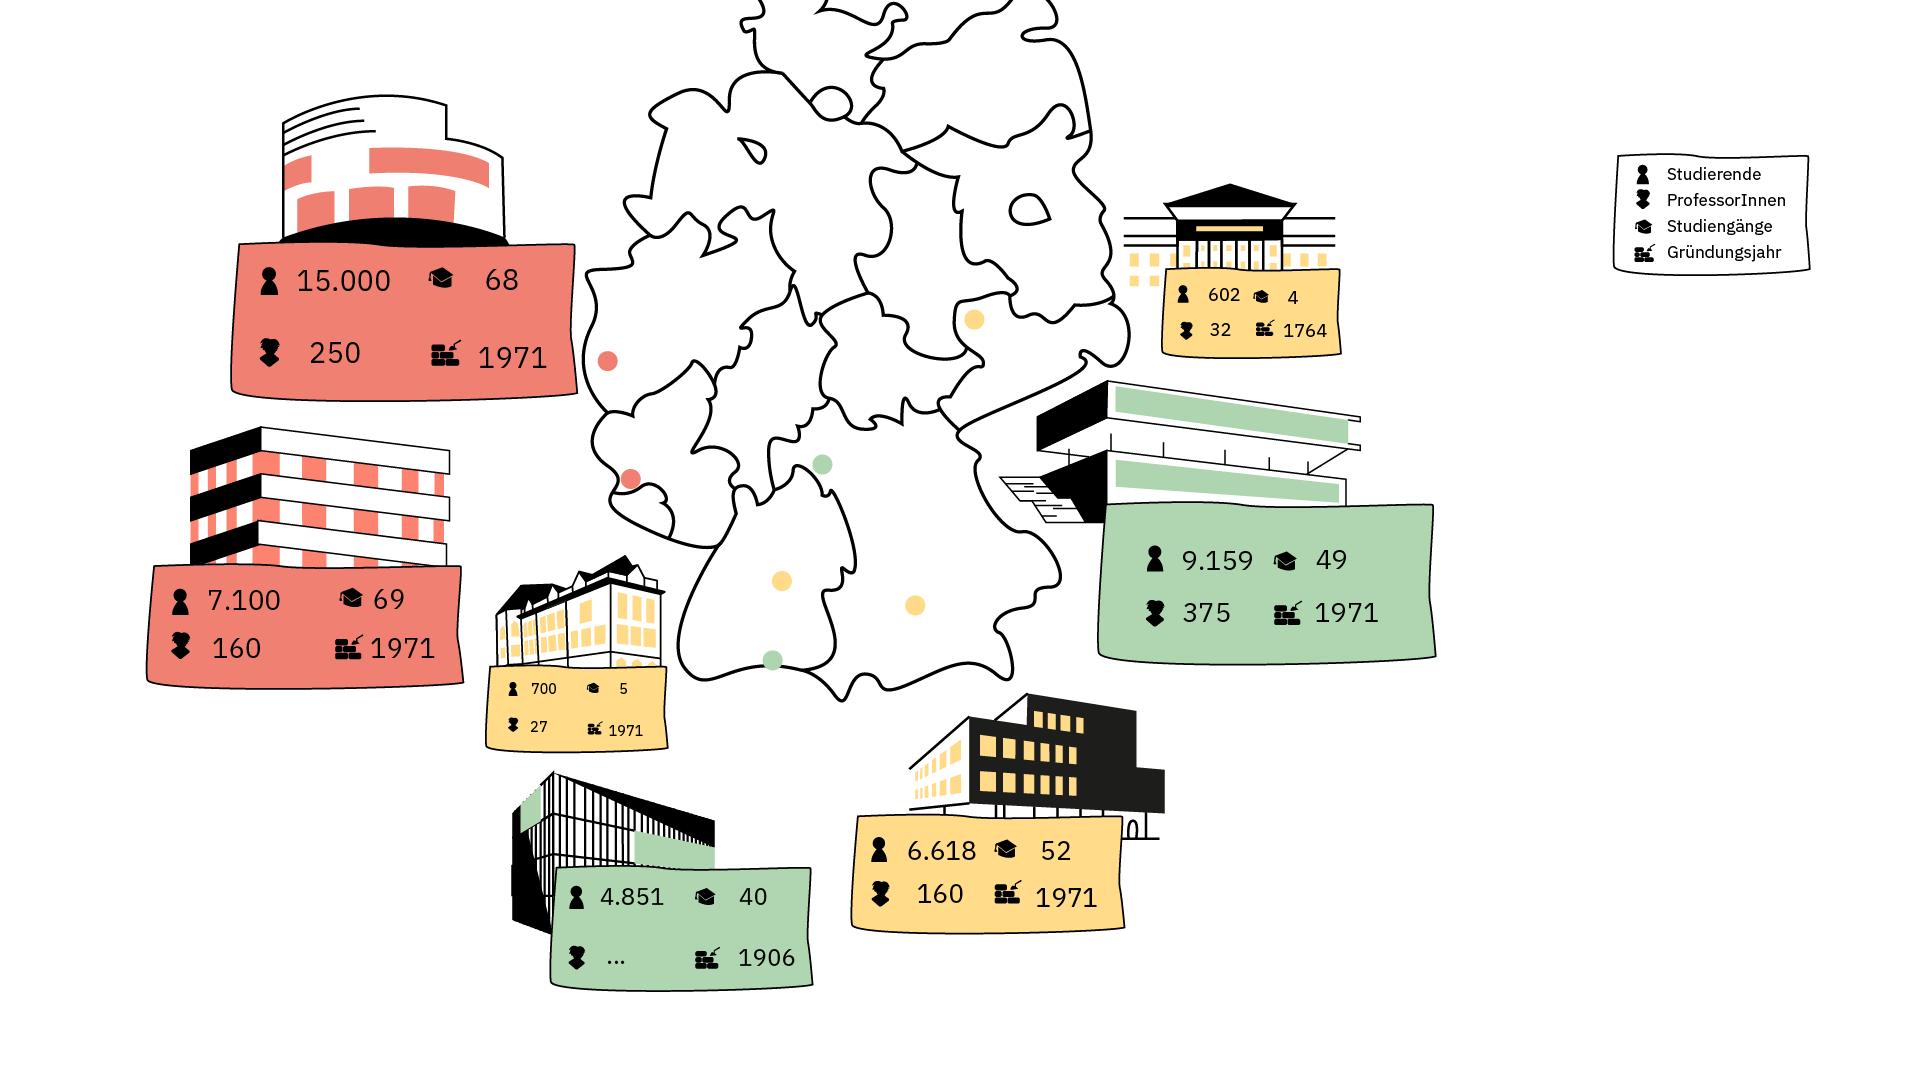 Viele verschiedene Gebäude und eine Deutschlandkarte in der Mitte.